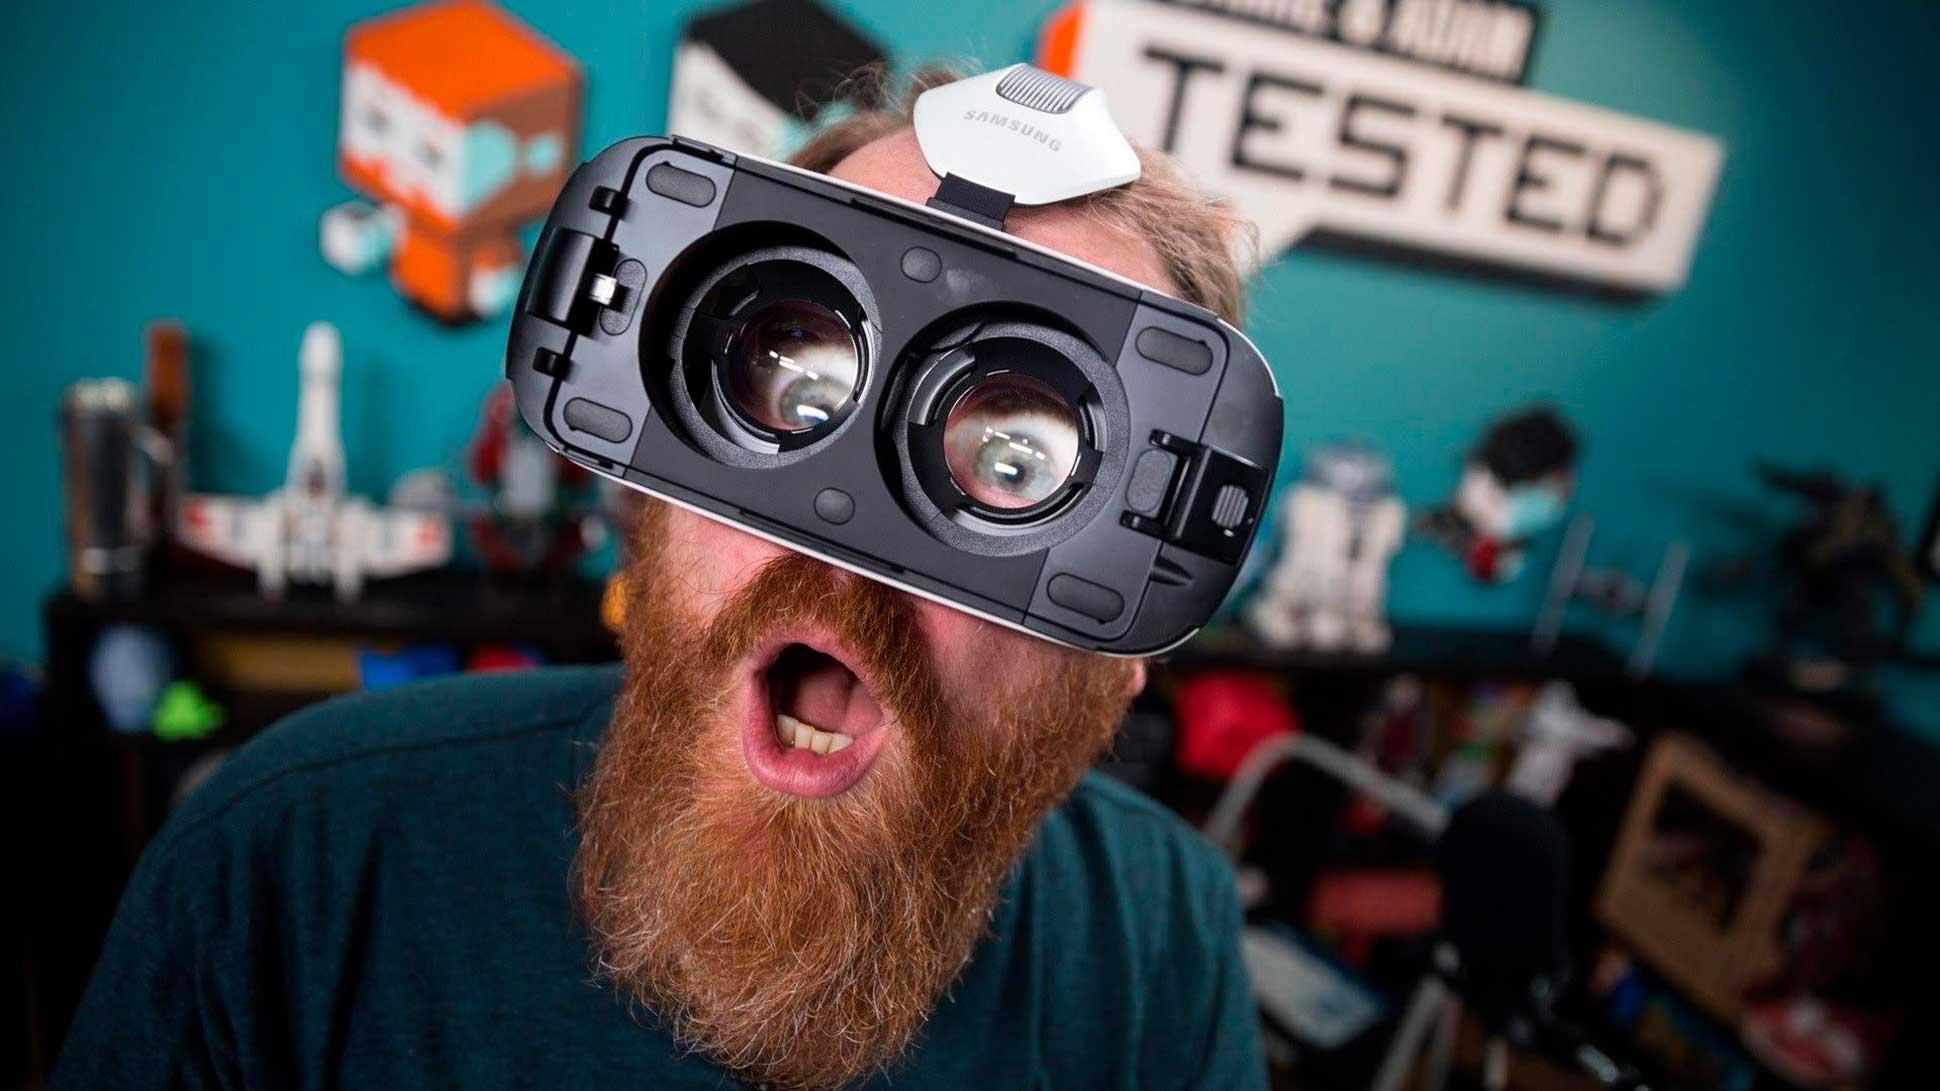 побочные эффекты от пребывания в виртуальности